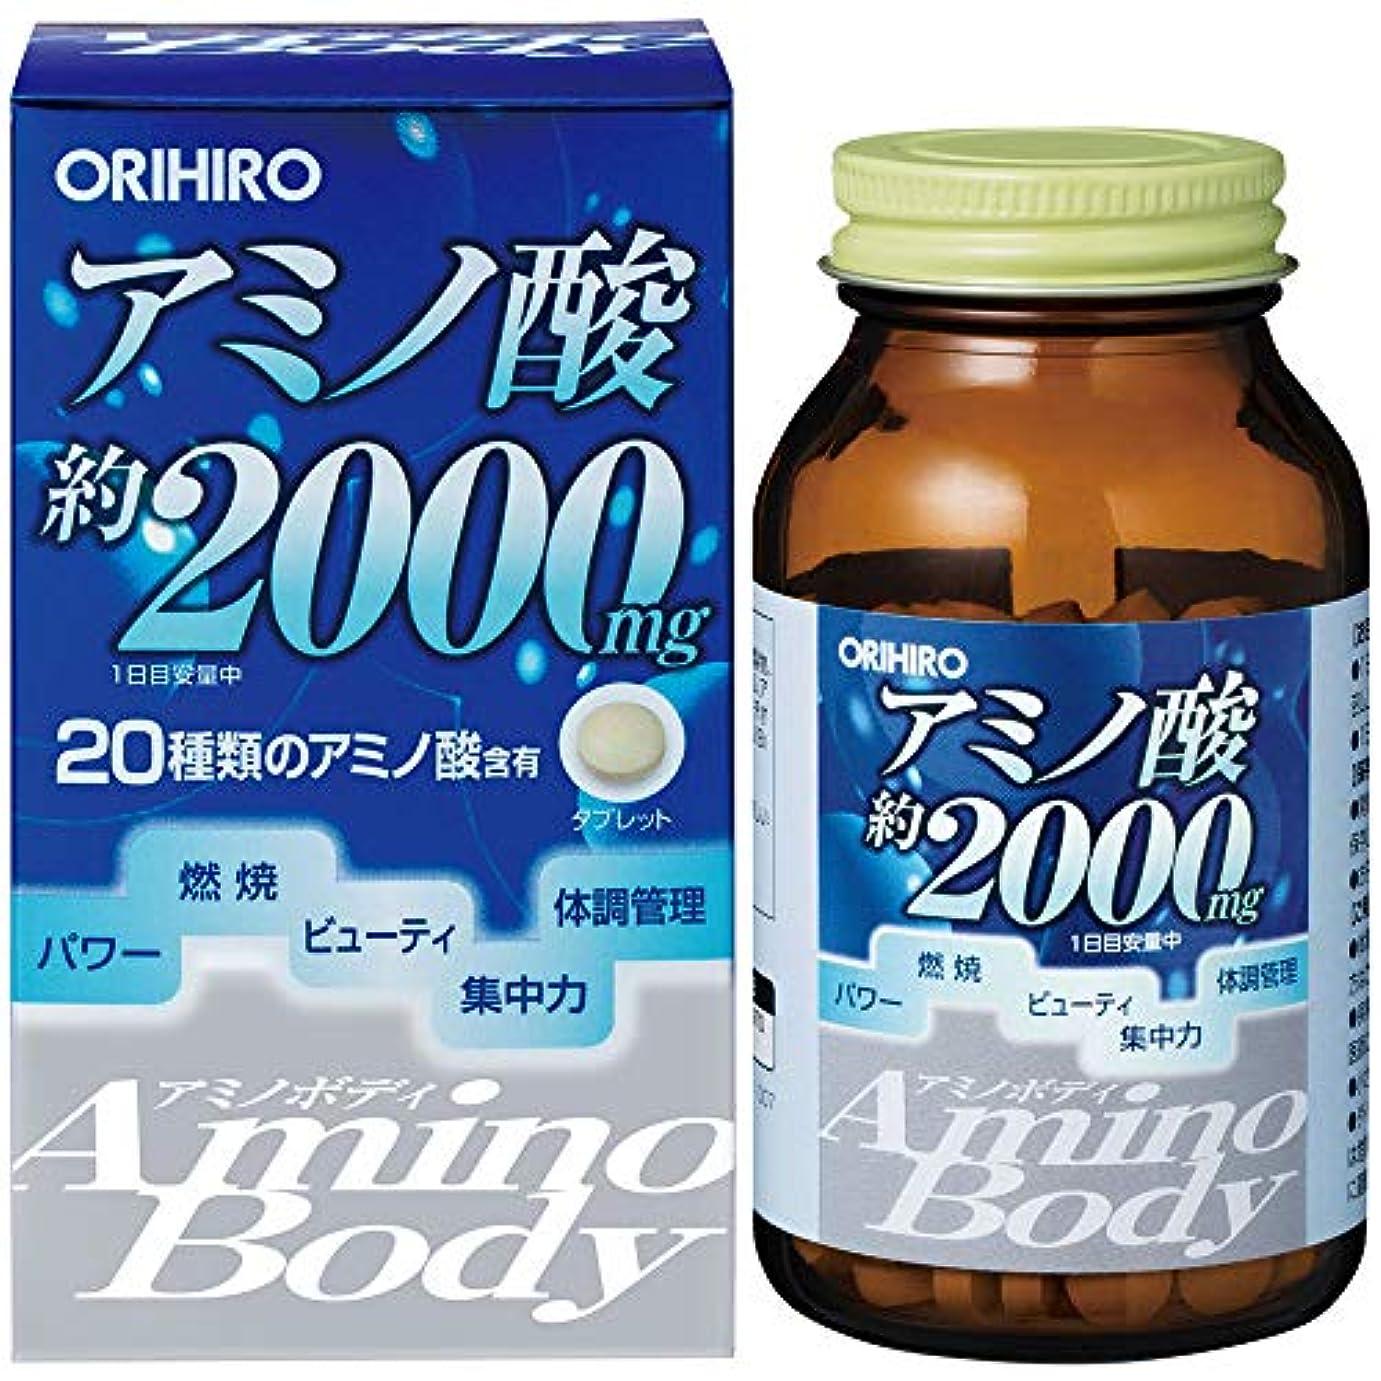 ファランクス敬無秩序オリヒロ Amino Body アミノボディ(大豆ペプチド)